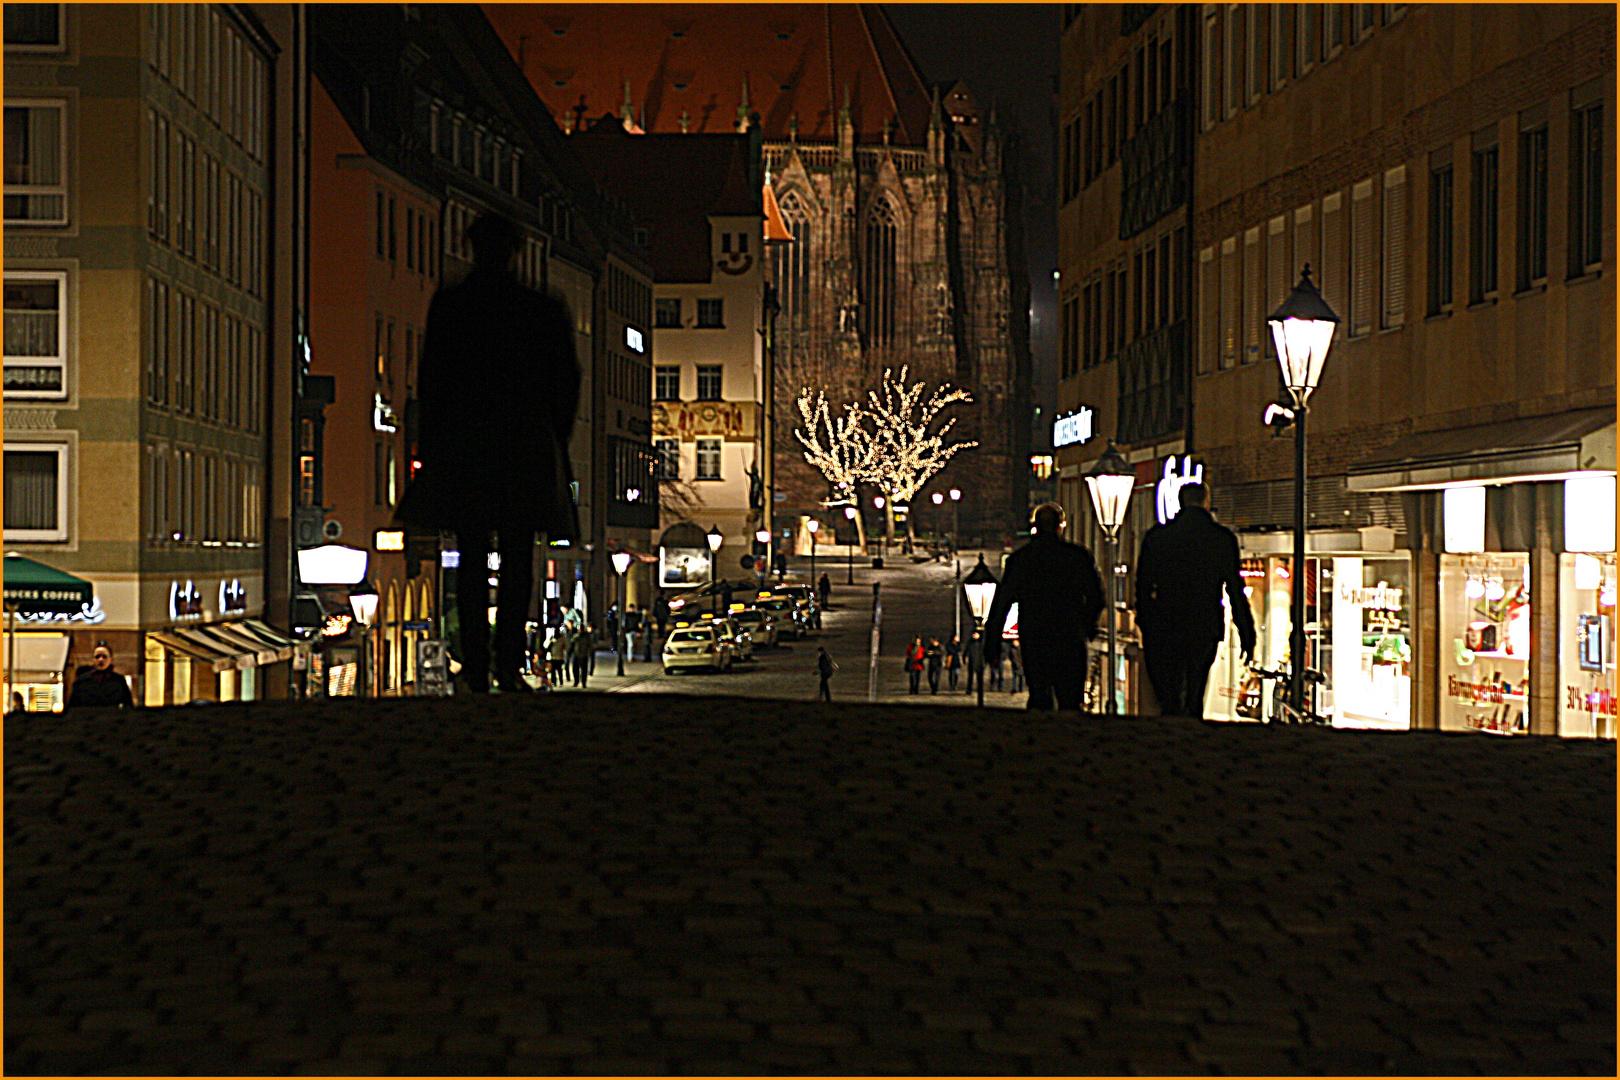 Nürnberg Street